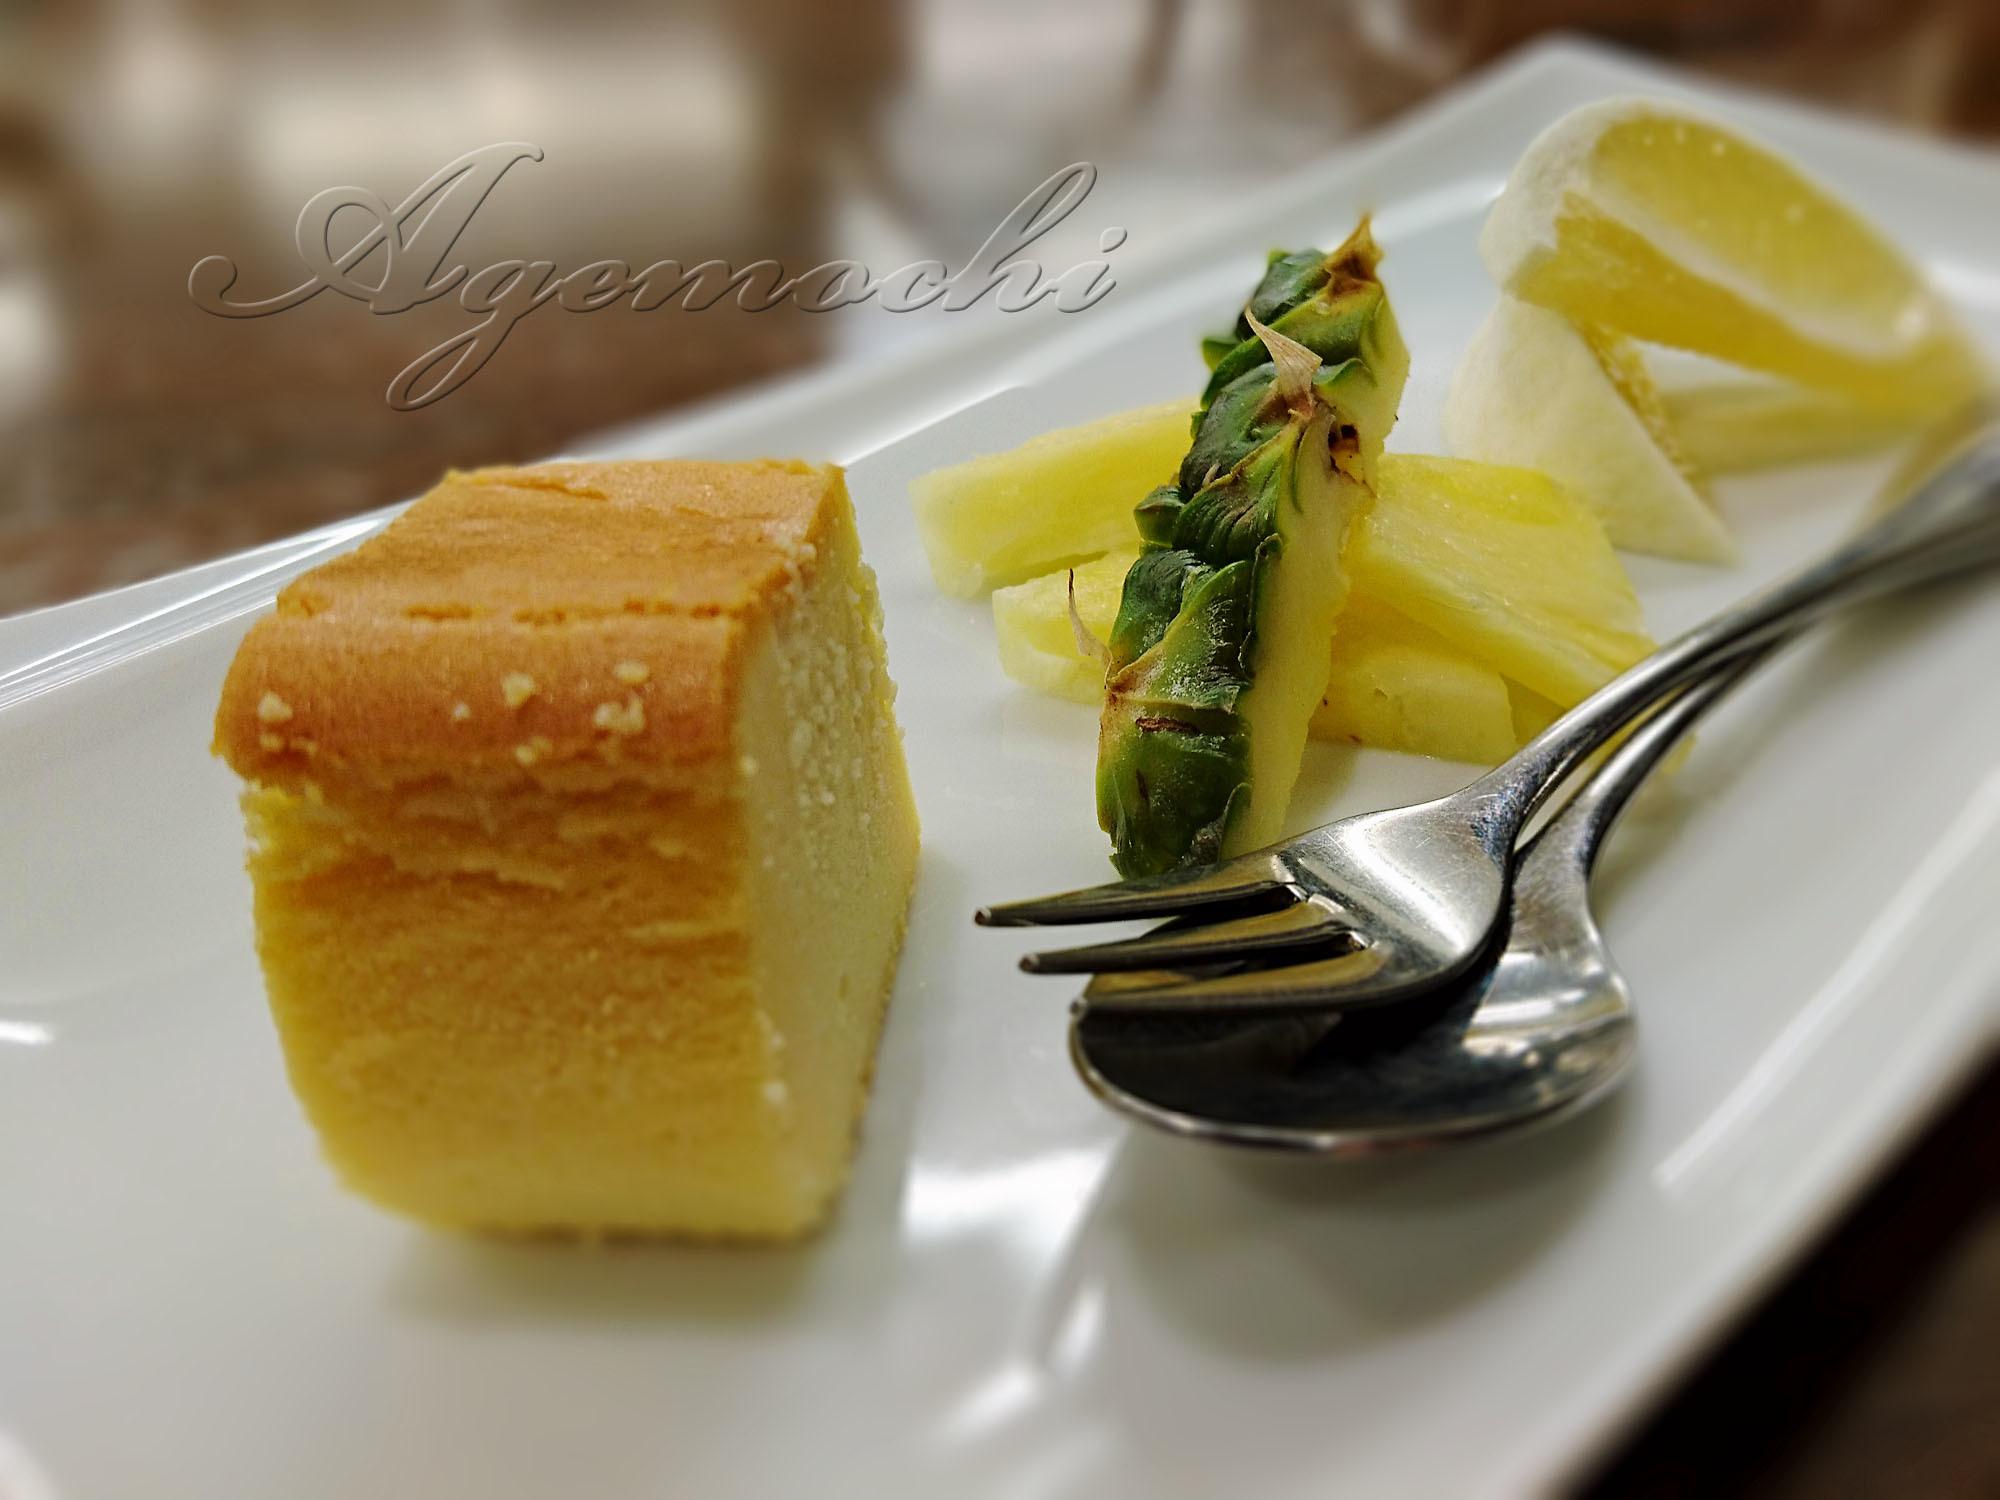 istile_dessert.jpg